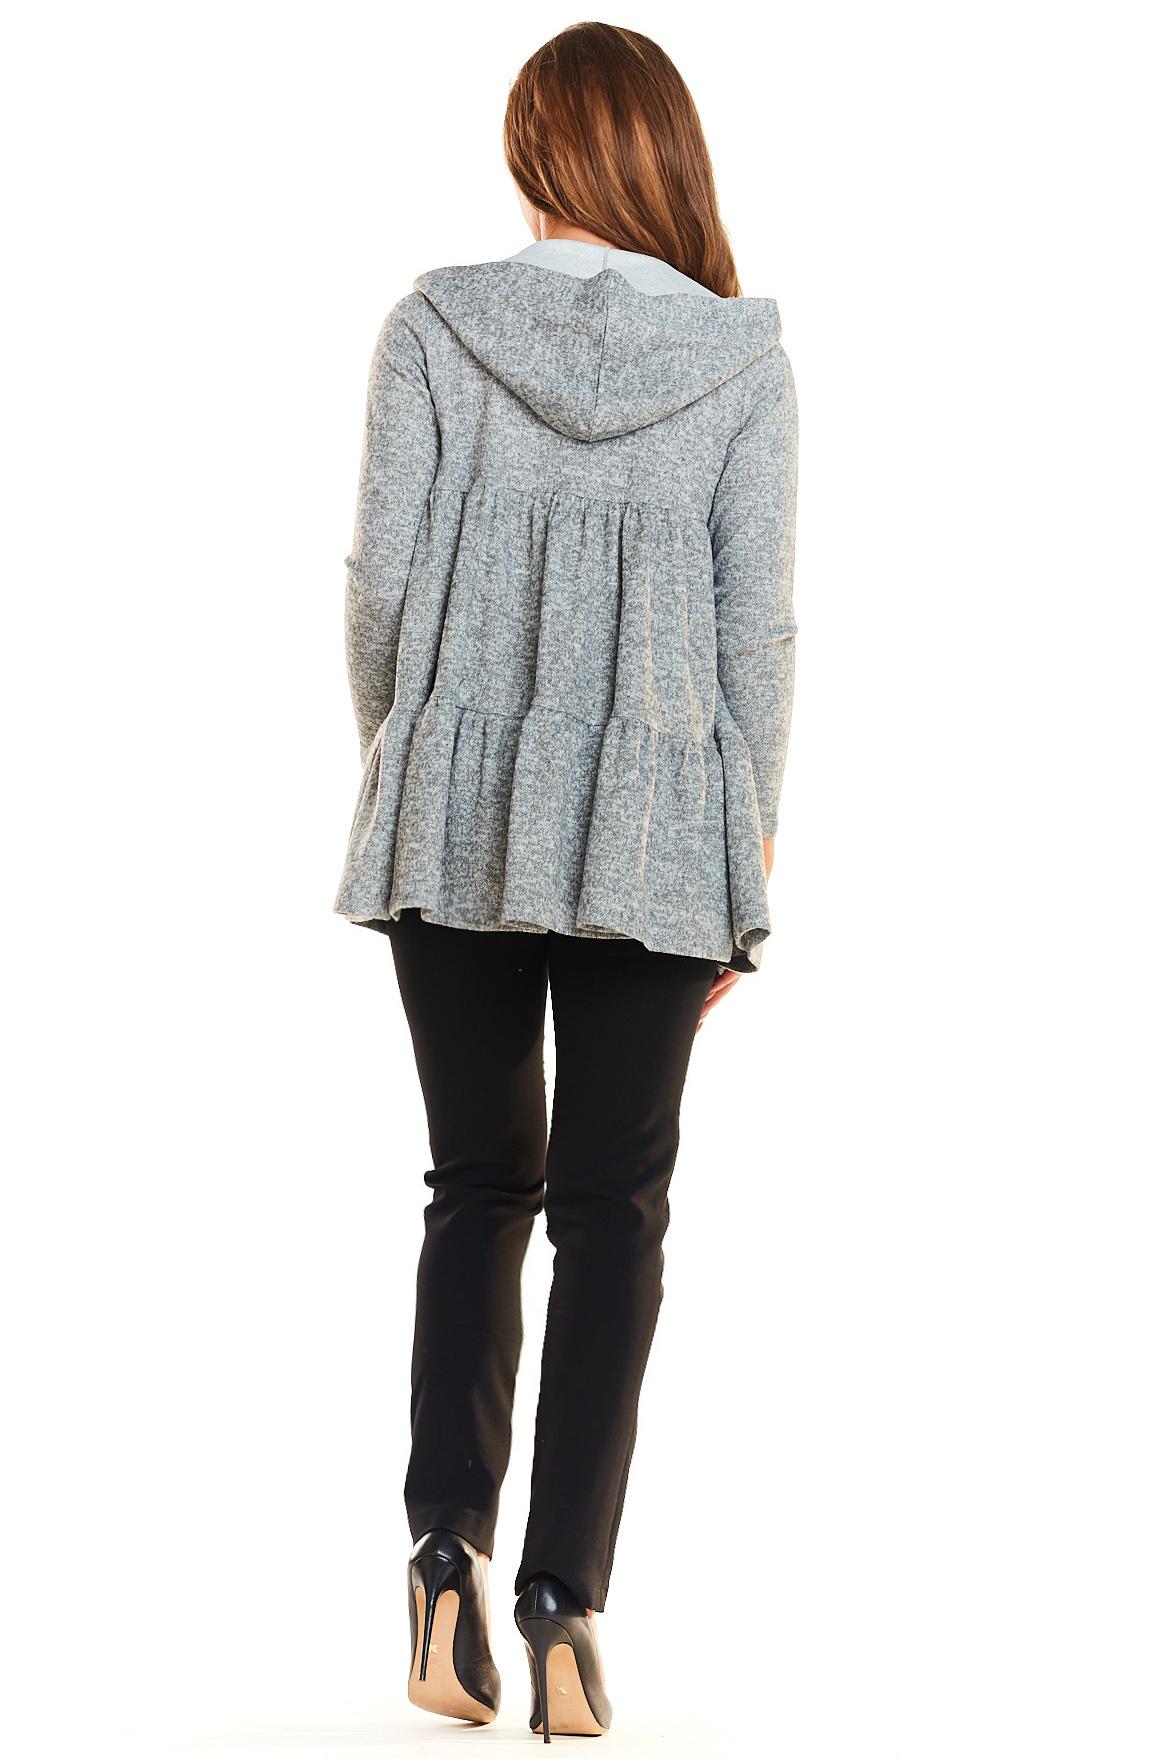 CM4023 Sweter - narzutka z kapturem - szary